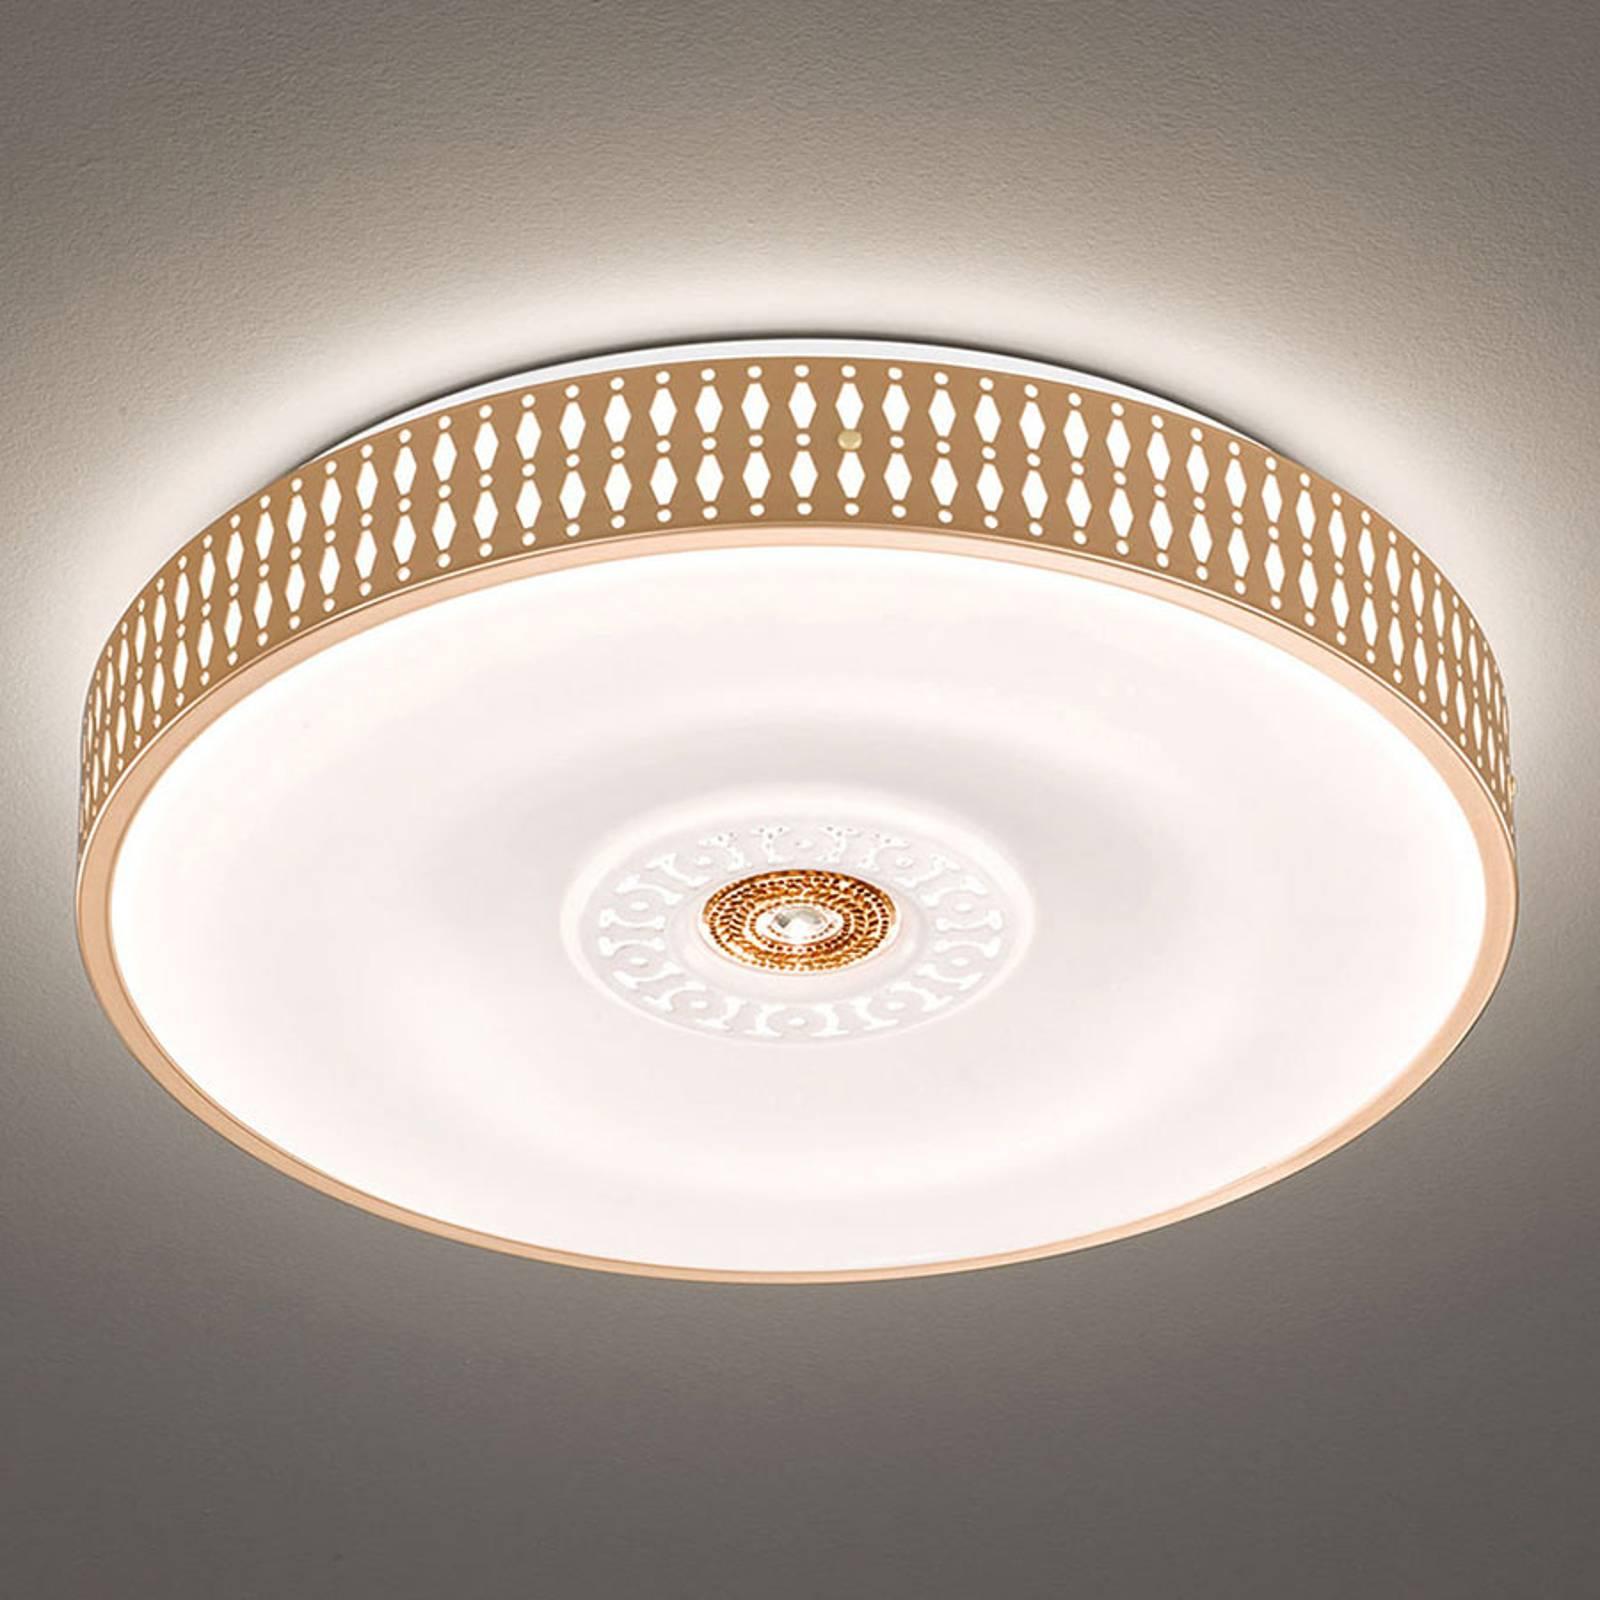 LED-kattovalaisin Coso, himmennettävä, Ø 50 cm